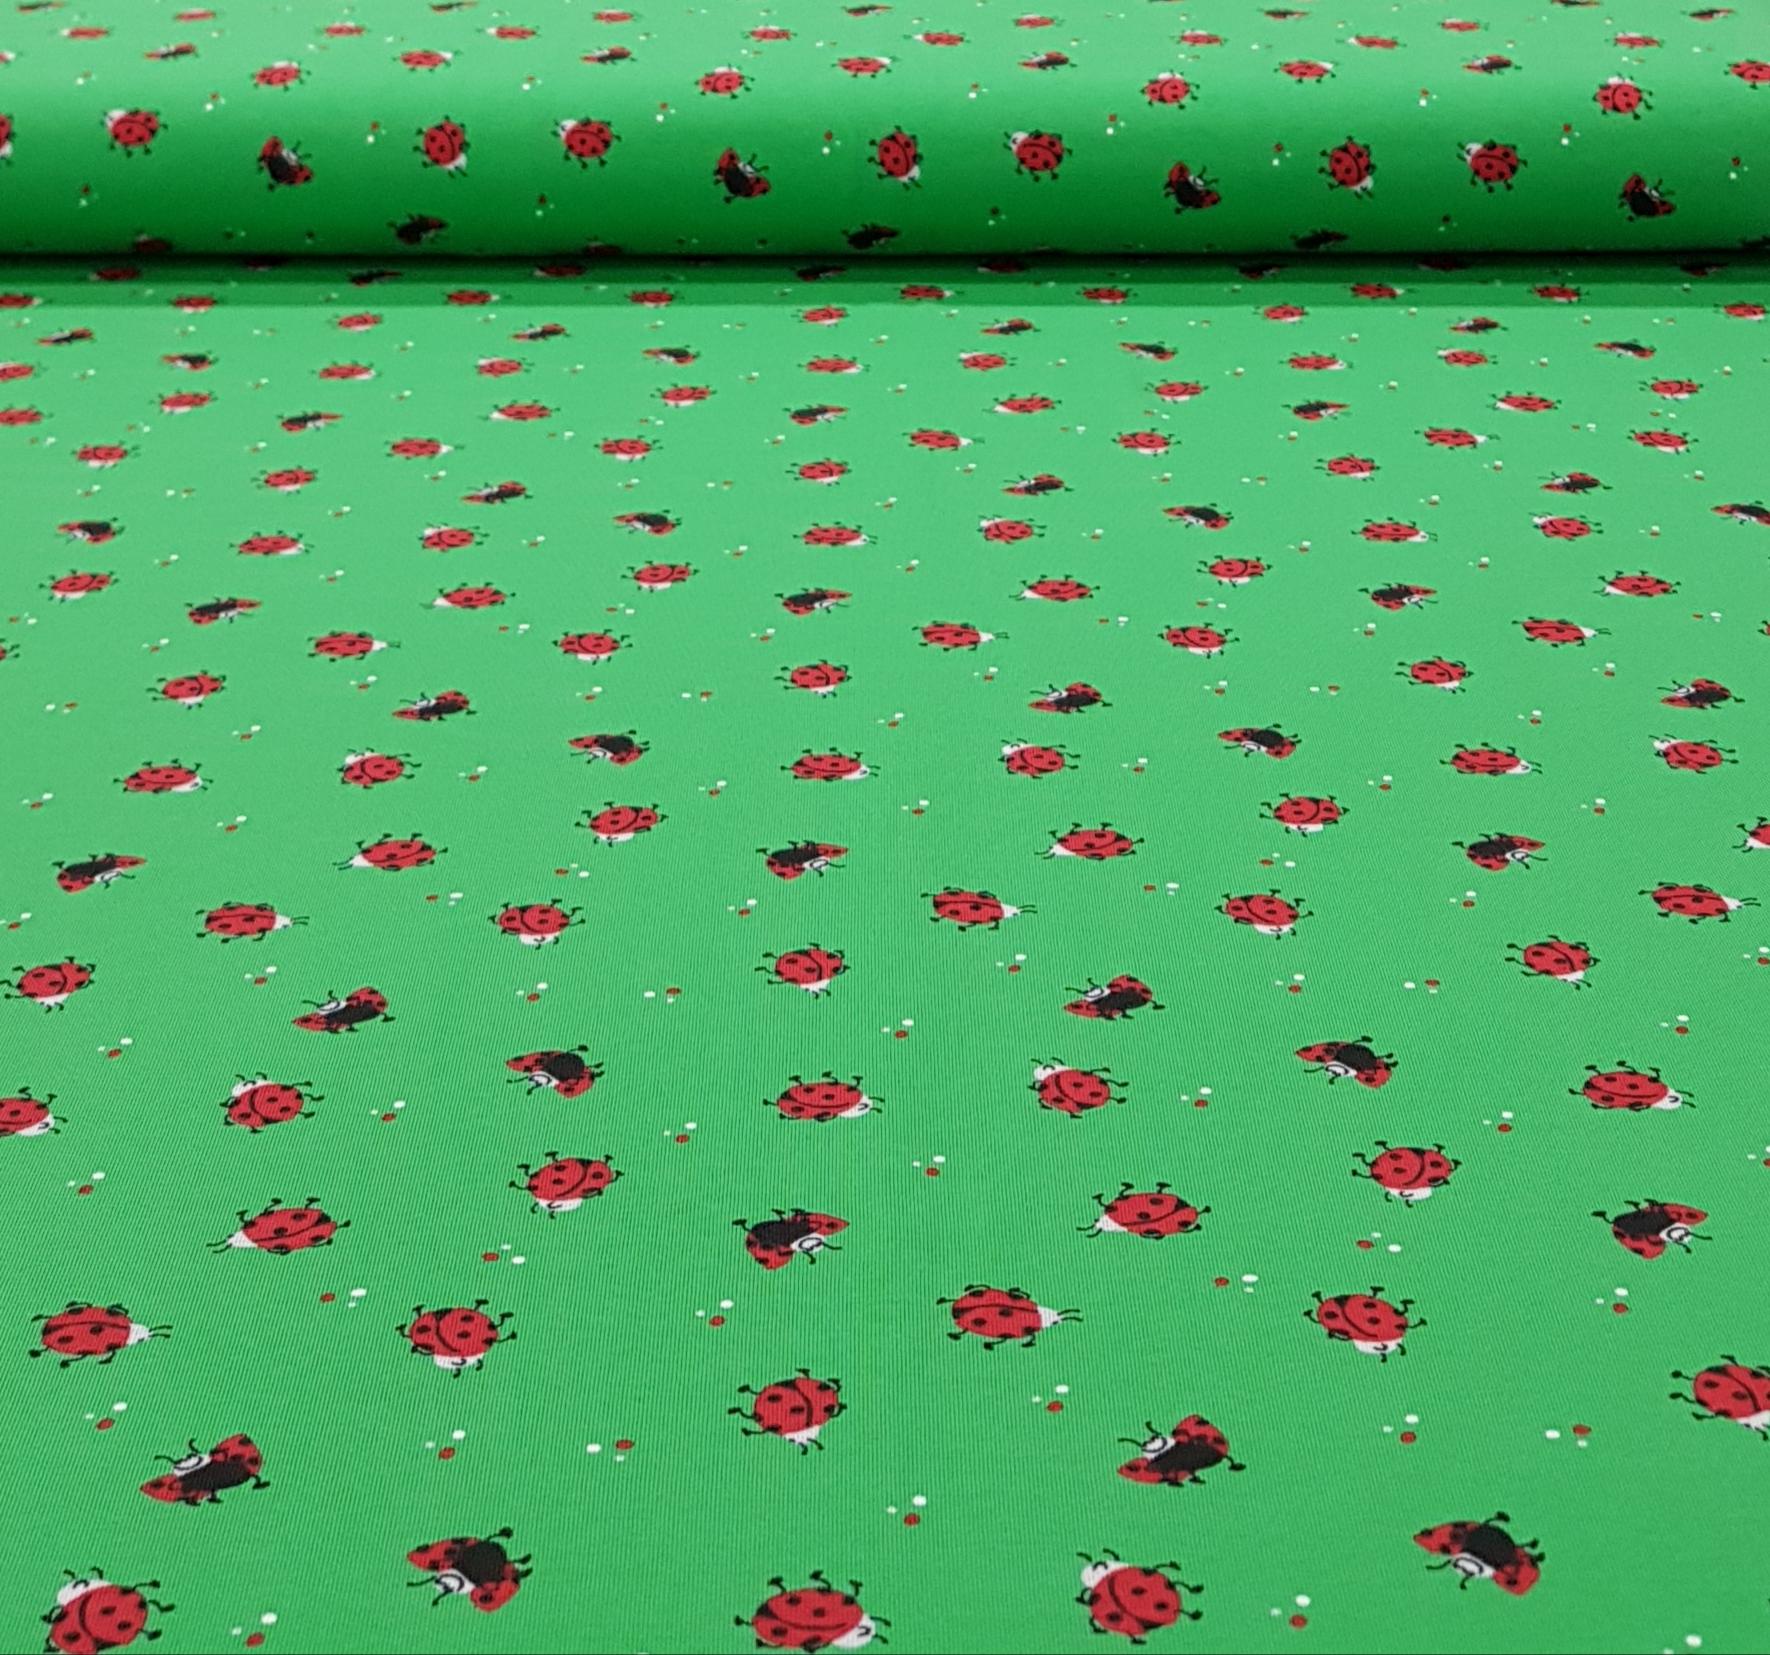 kindertricotvliegendelieveheersbeestjesgroen